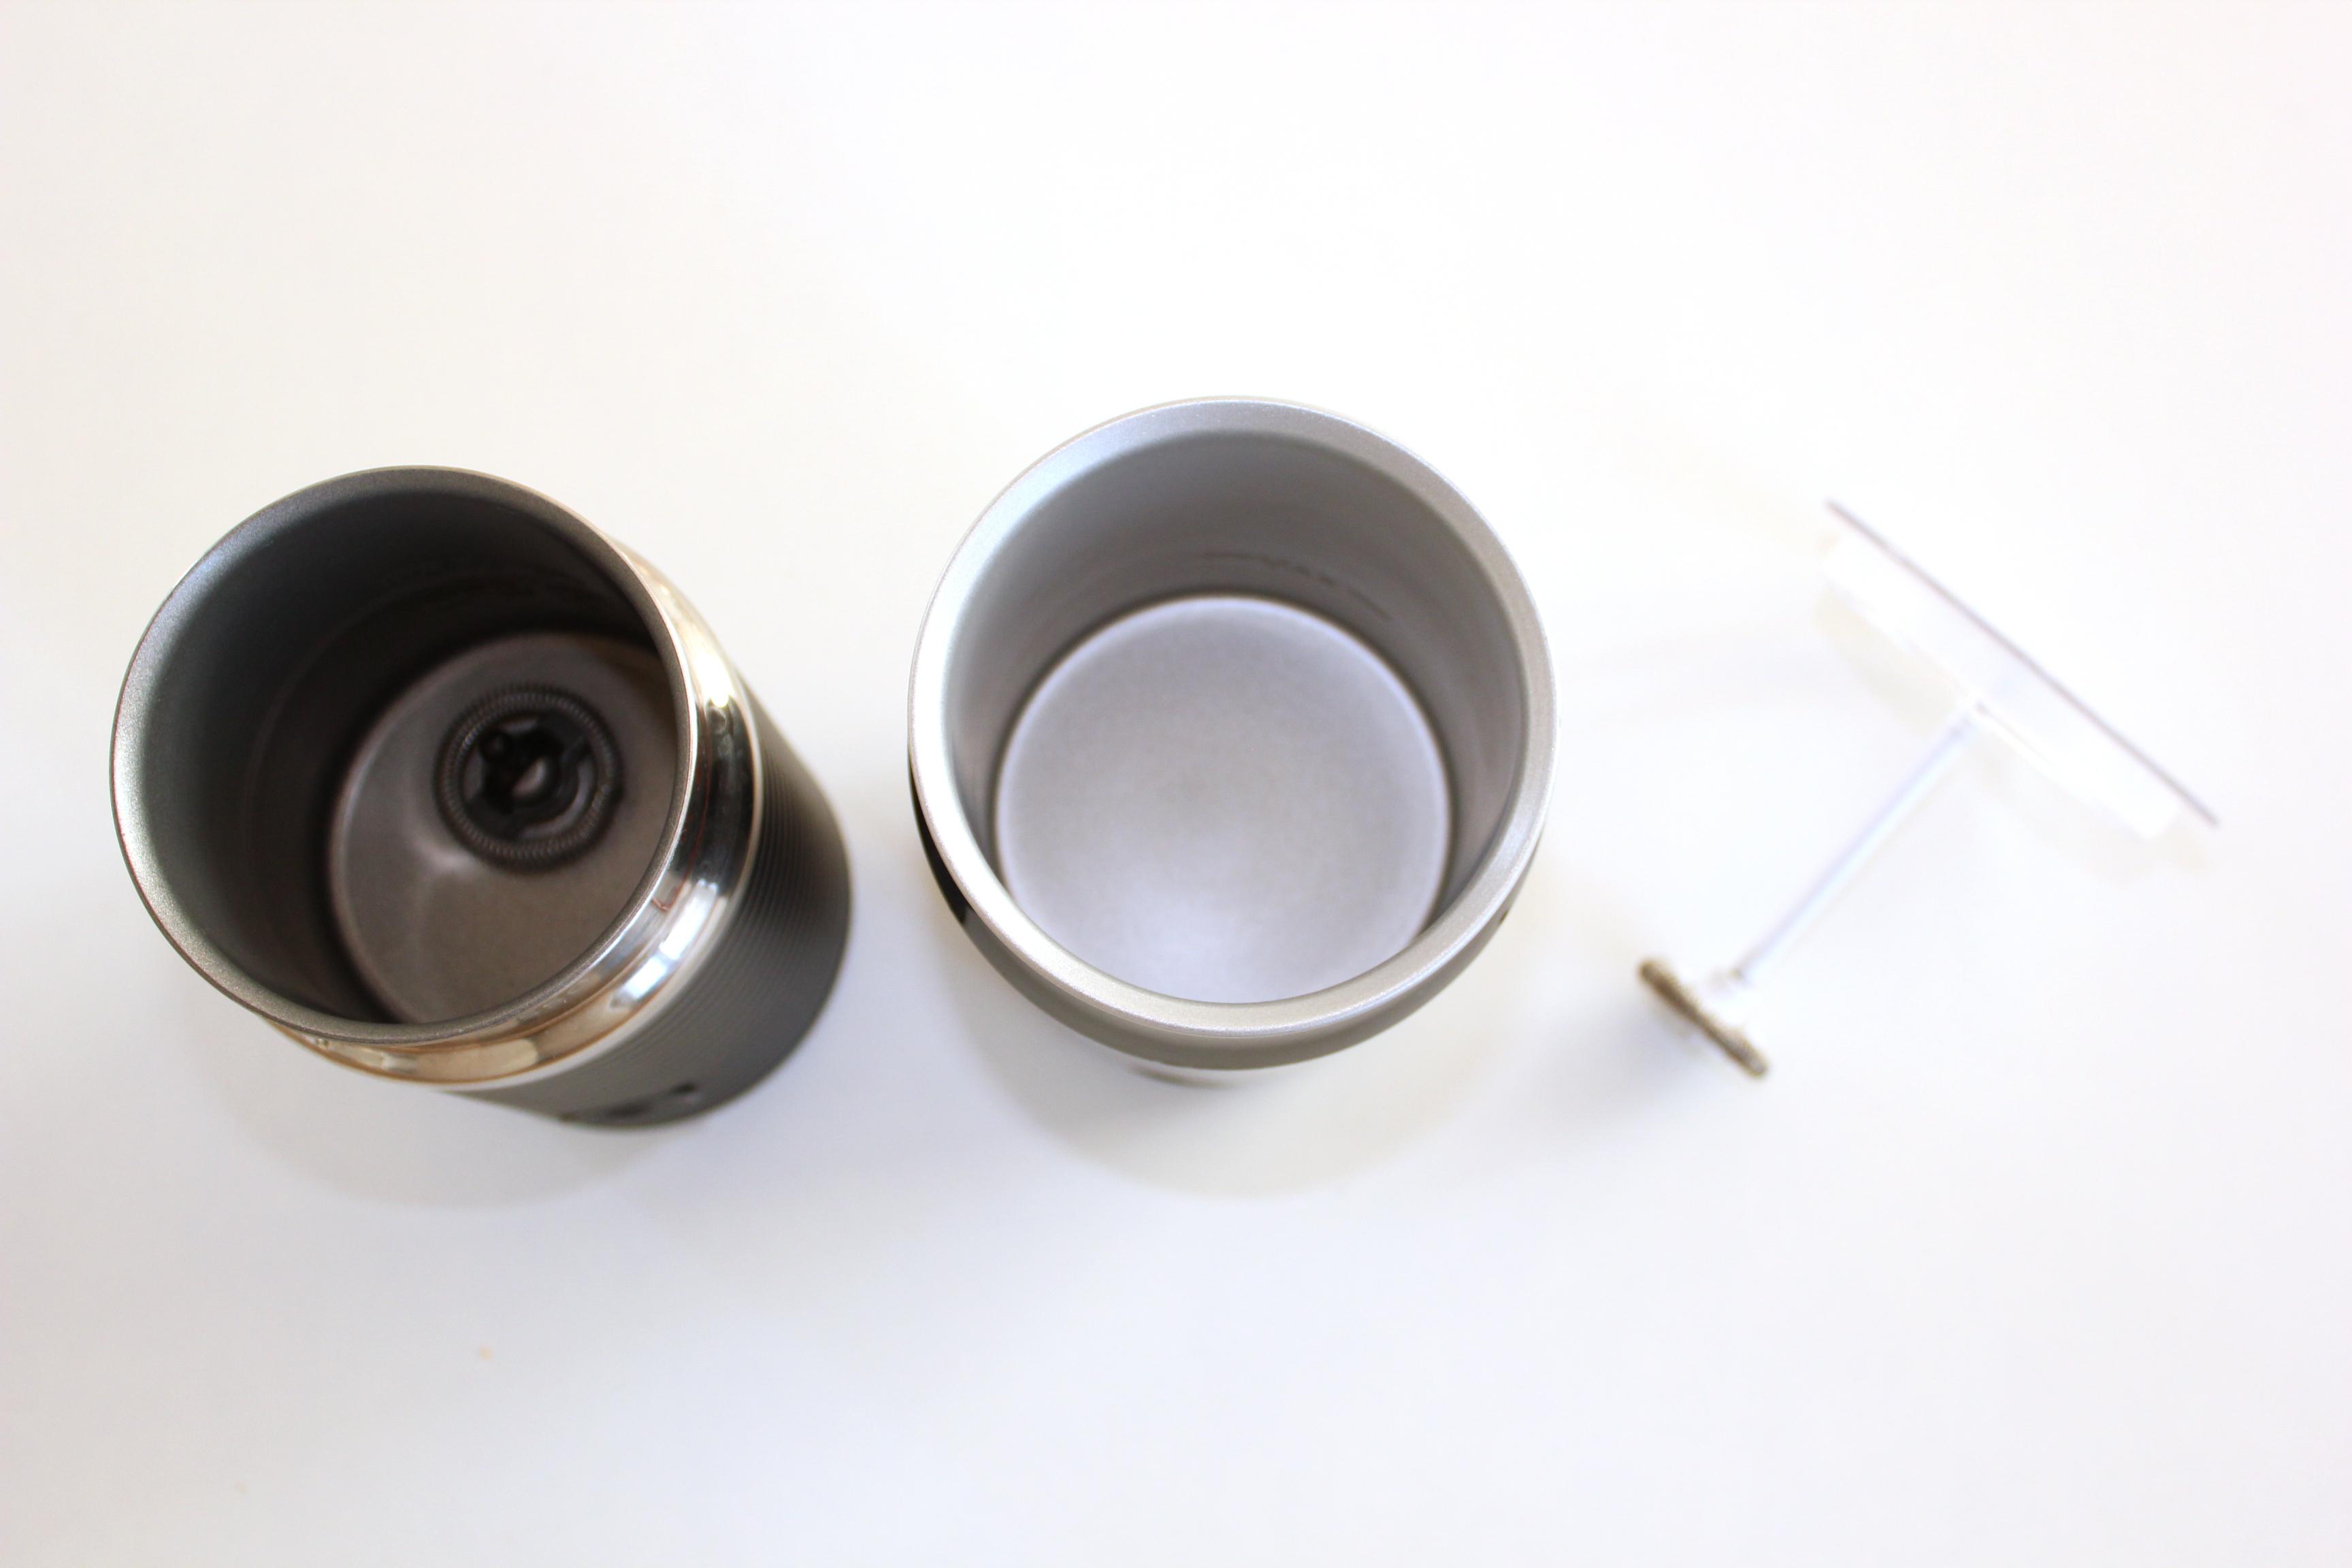 Milchaufschäumer, Test, Vergleich, Krups, Philips, Nespresso, Senseo